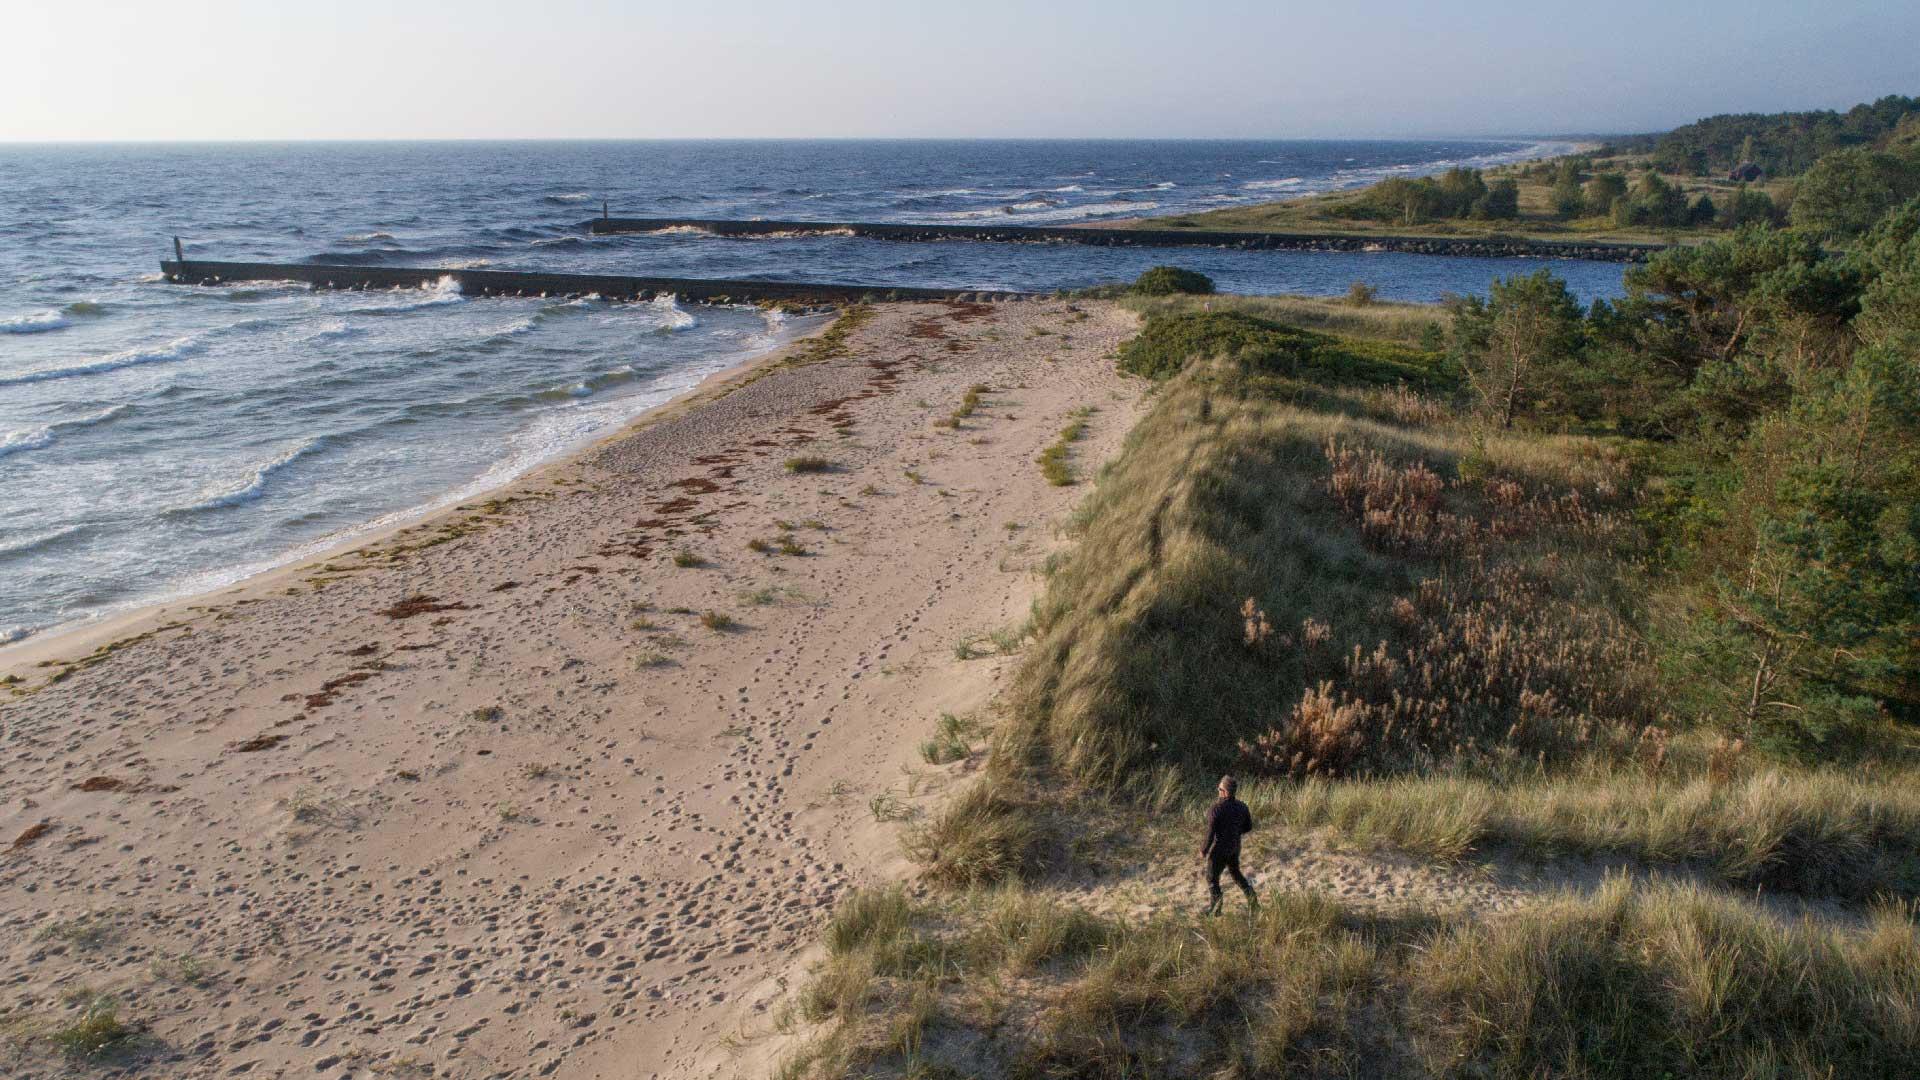 Vid Gropahålet mynnar Helge å i Hanöbukten och Östersjön. Foto: Patrik Olofsson/N